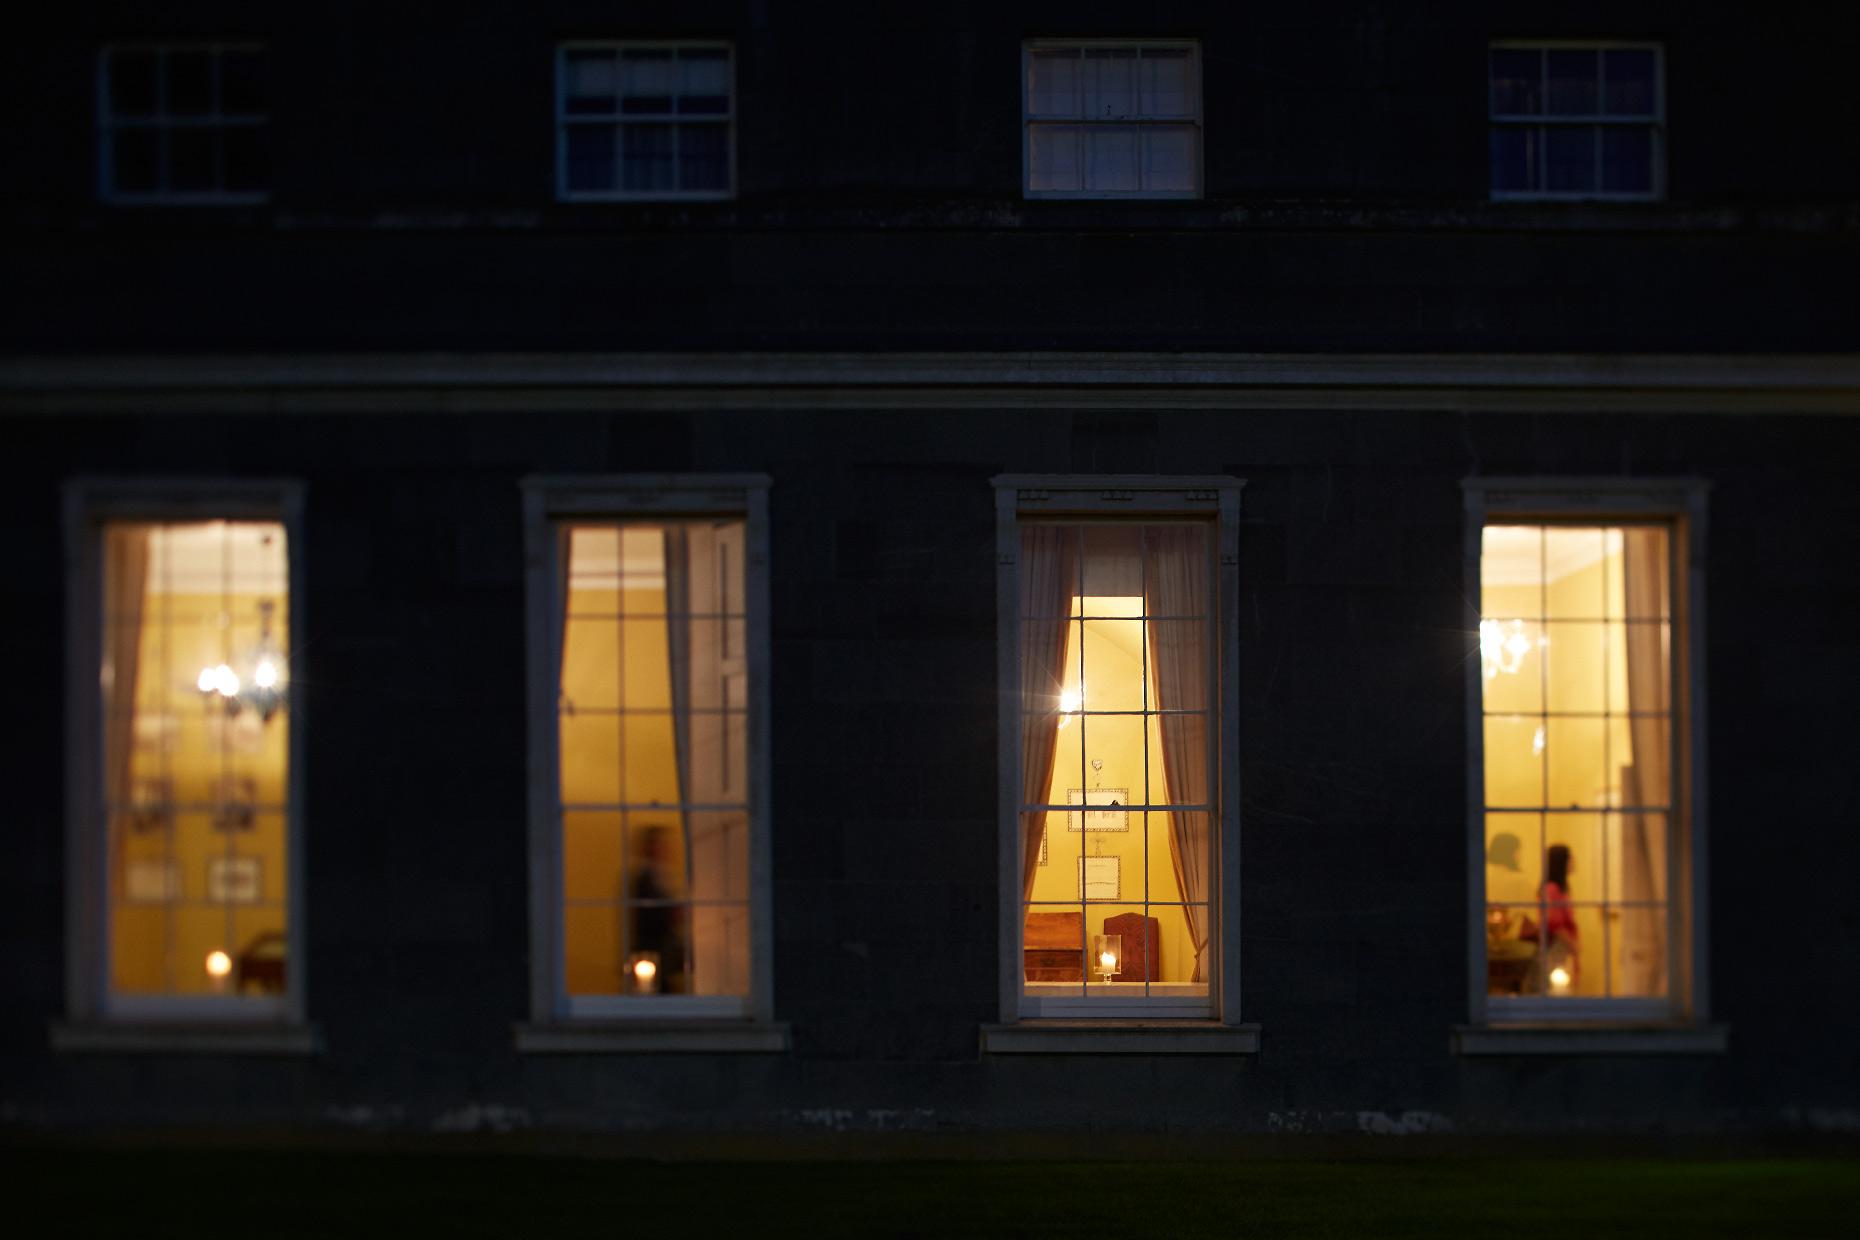 Stacey Van Berkel Photography I  Carton House at night I Kildare, Ireland